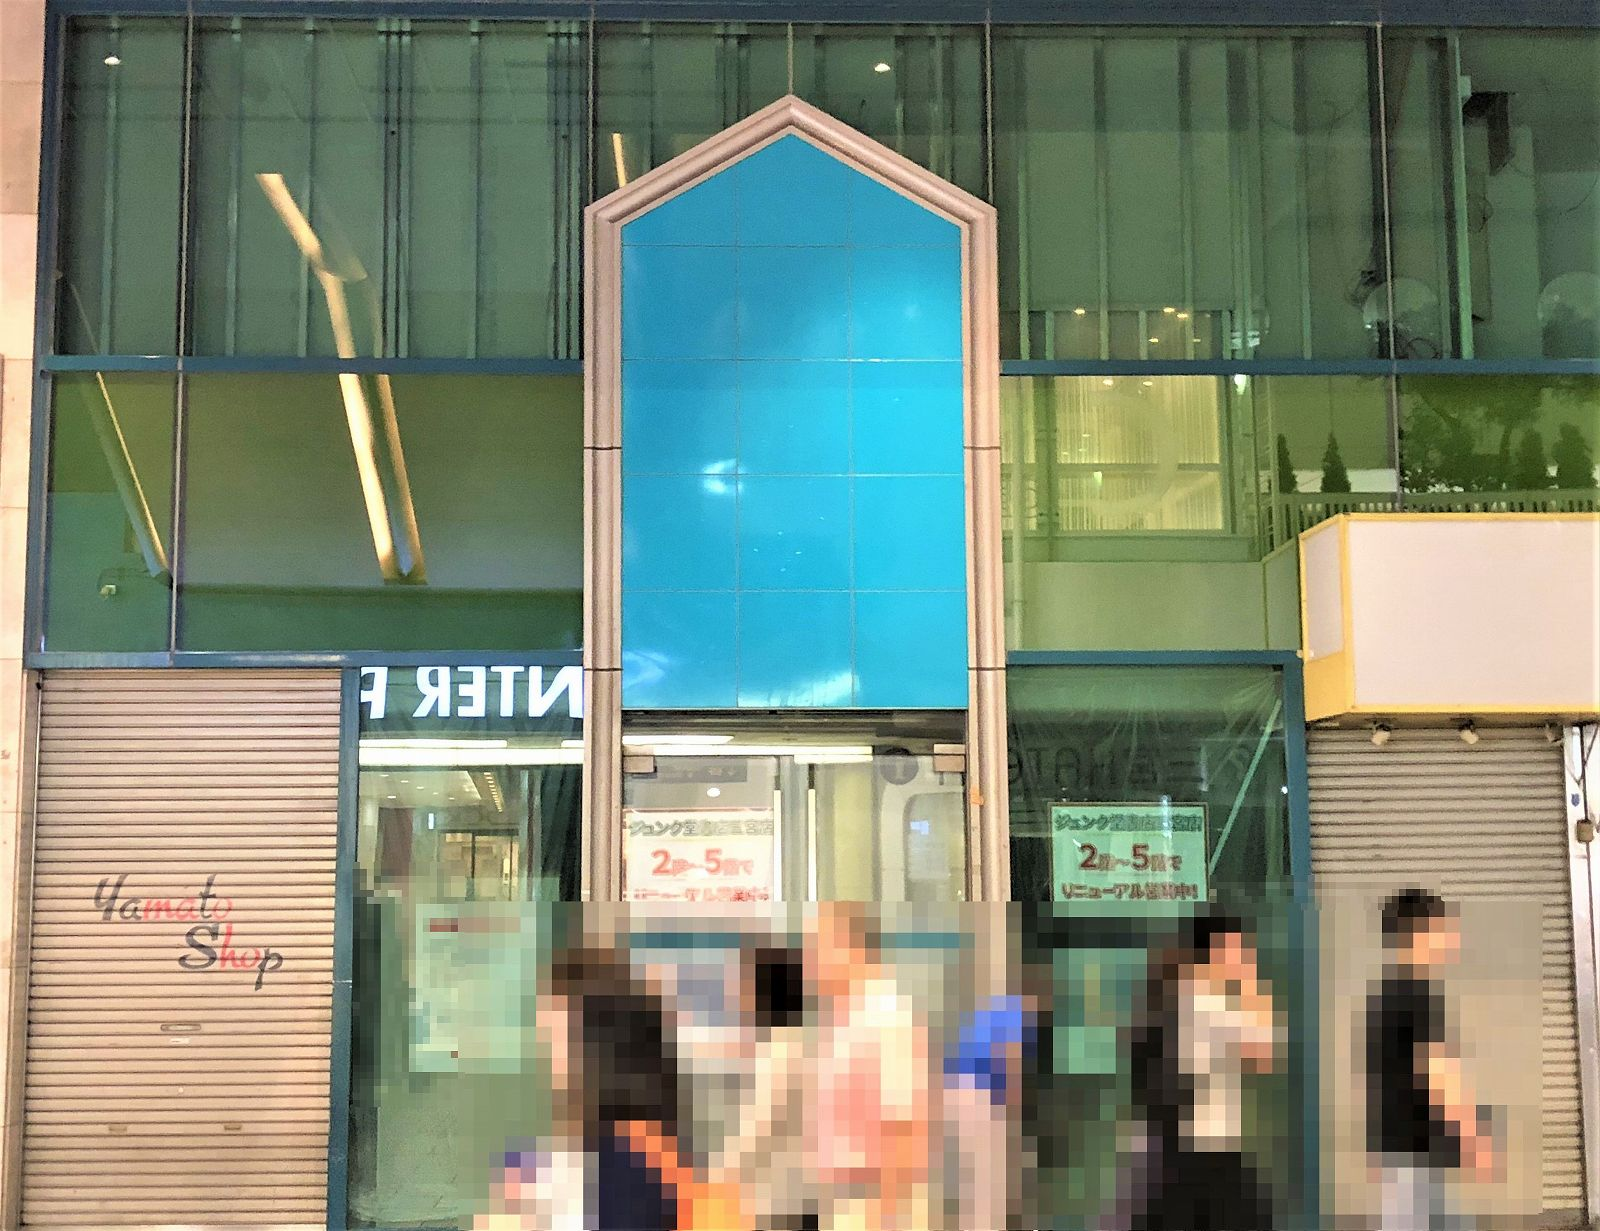 神戸・三宮センター街・ジュンク堂のとこに「キデイランド」と「スヌーピータウンショップ」が11月1日(木)オープンします! #新規オープン #キデイランド #スヌーピータウンショップ #センター街